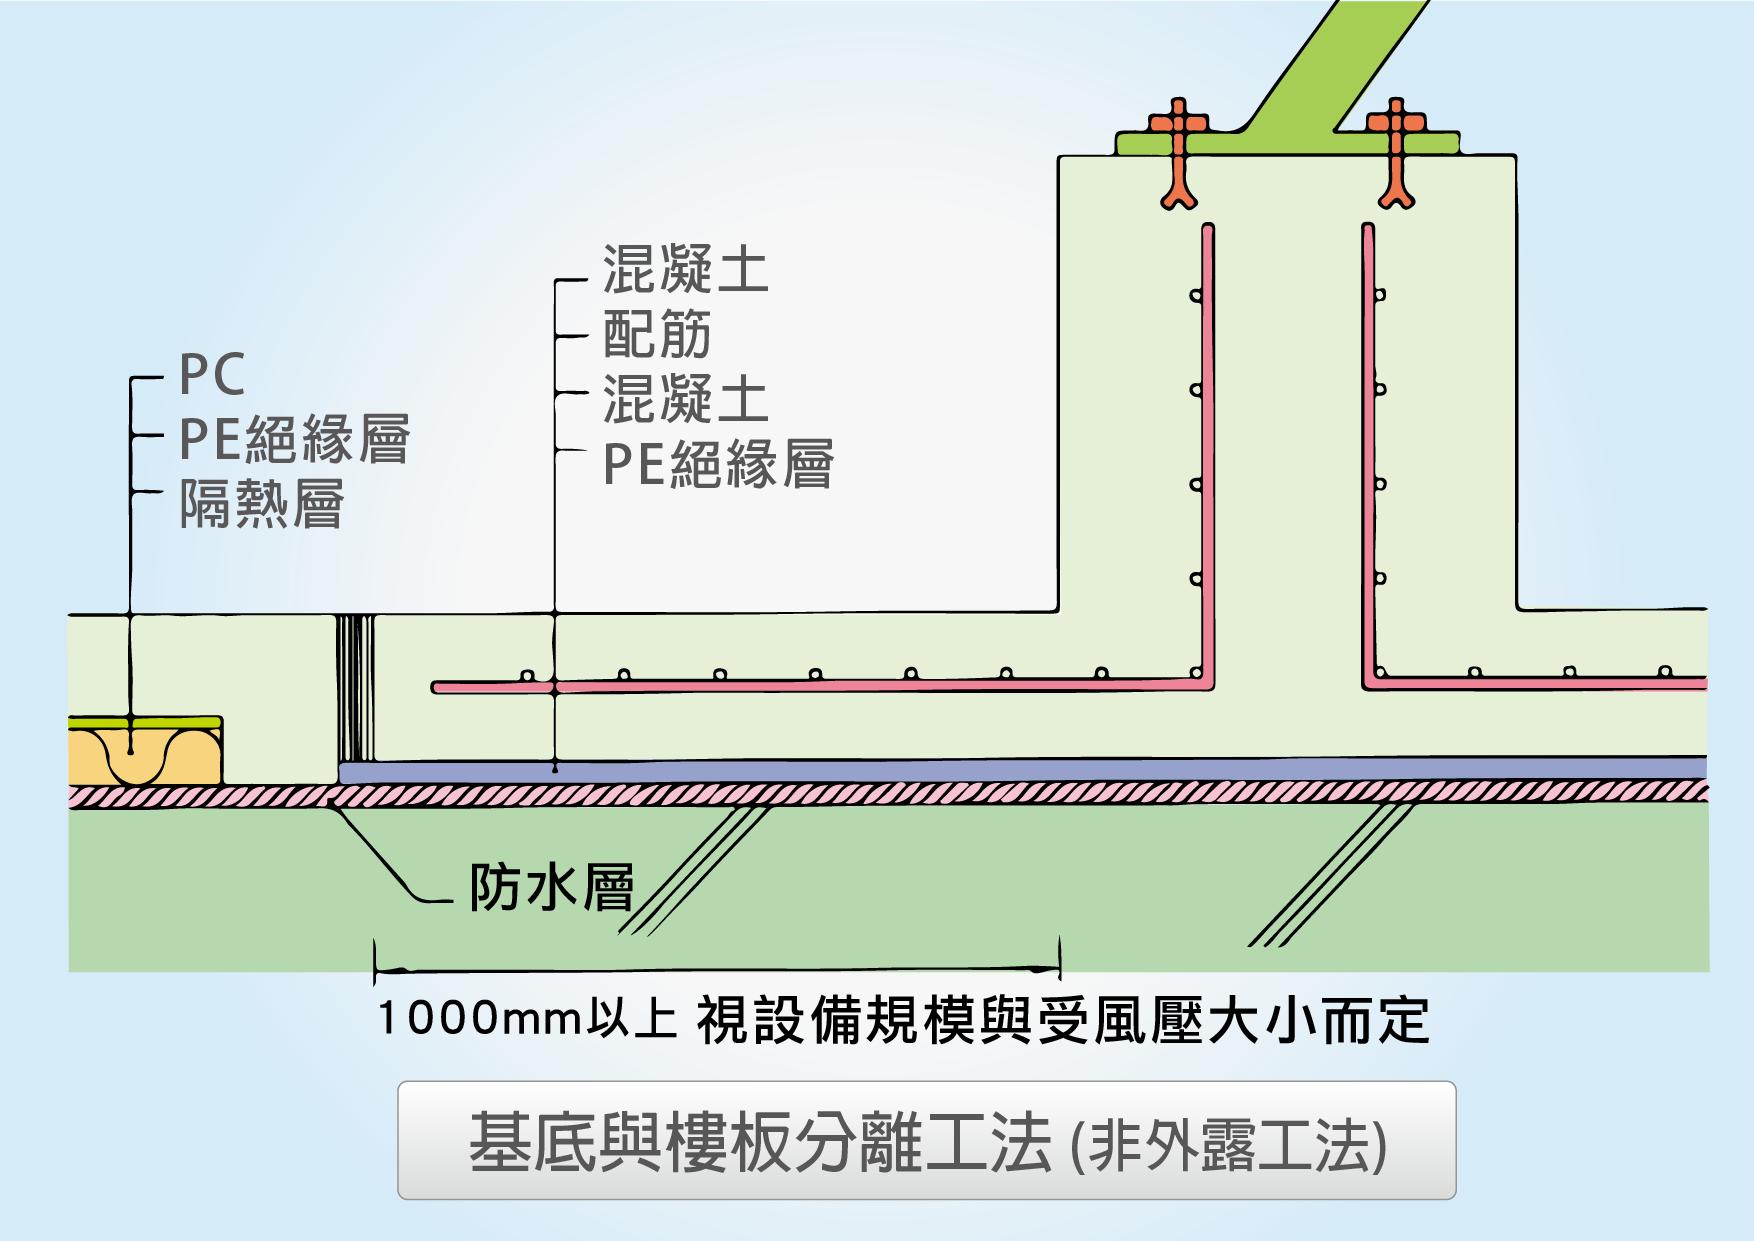 圖2-4-20-02(圖例二).png